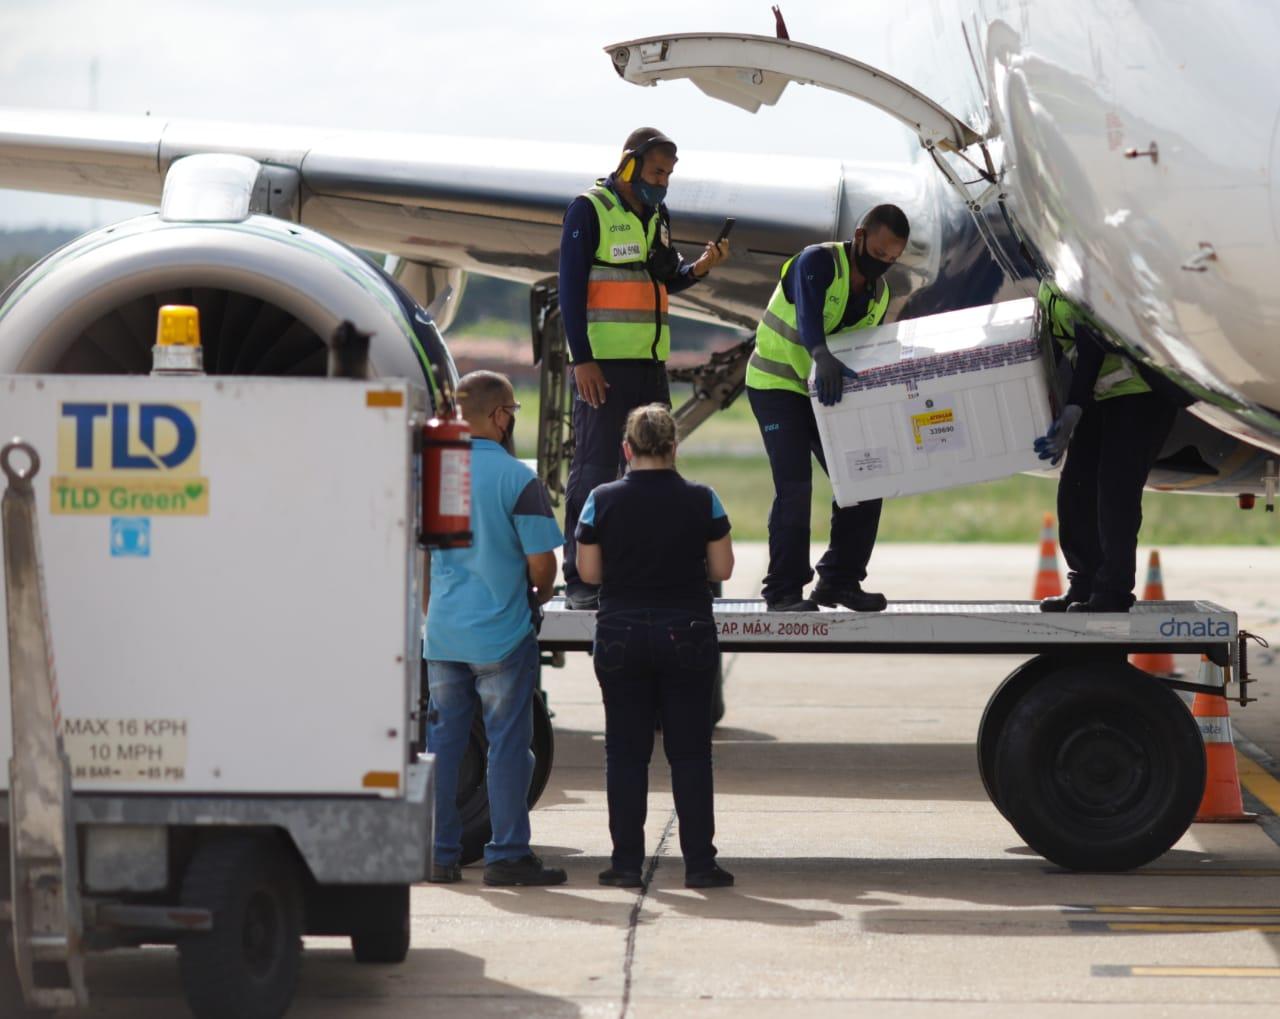 24 mil doses da vacina desembarcam no Aeroporto Petrônio Portella - Foto: Pedro Falcão/Ccom